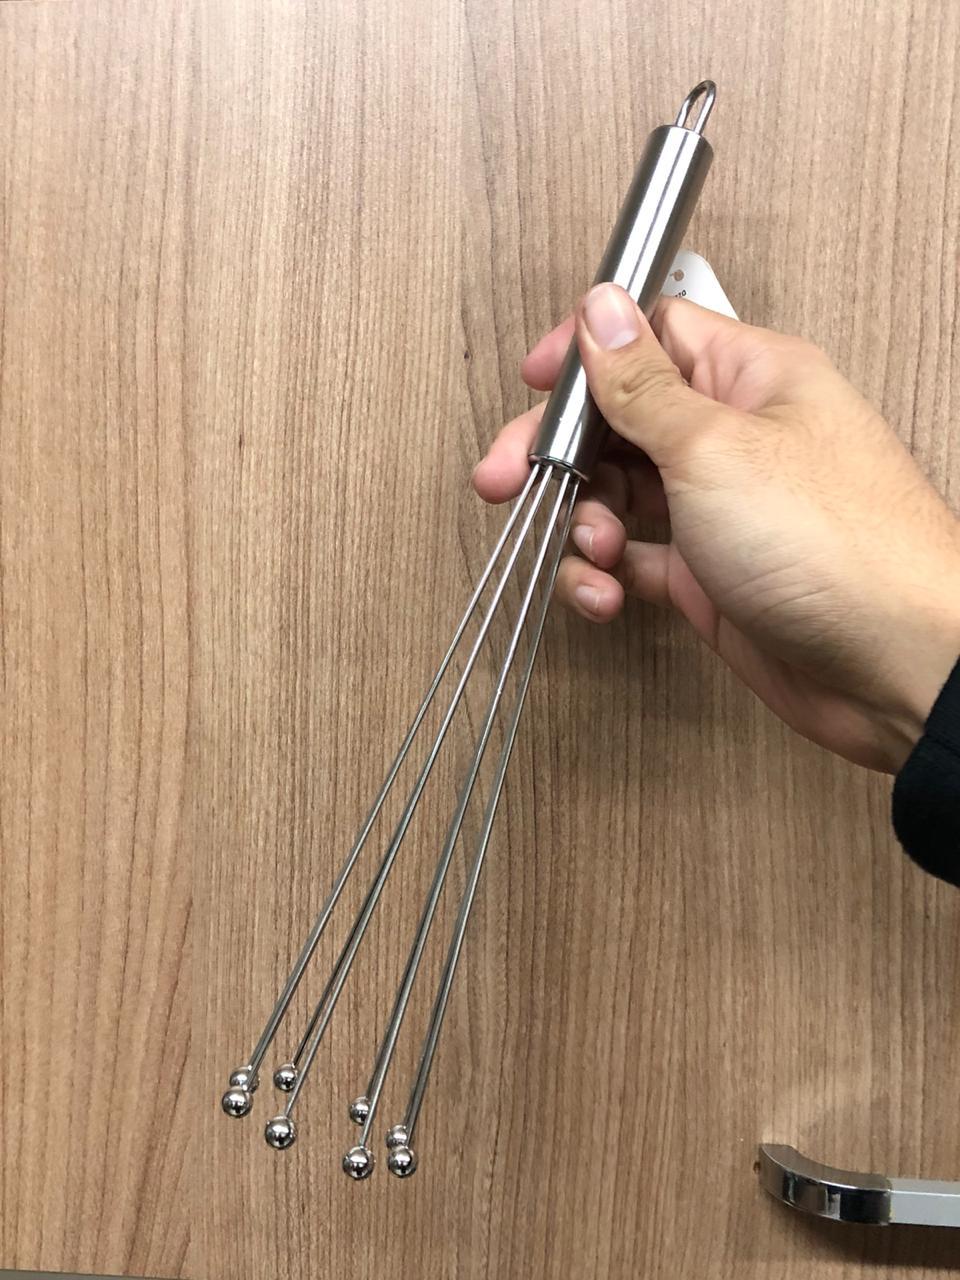 Batedor de ovos fouet cozinha profissional para emulsão prateado de aço inox 30cm